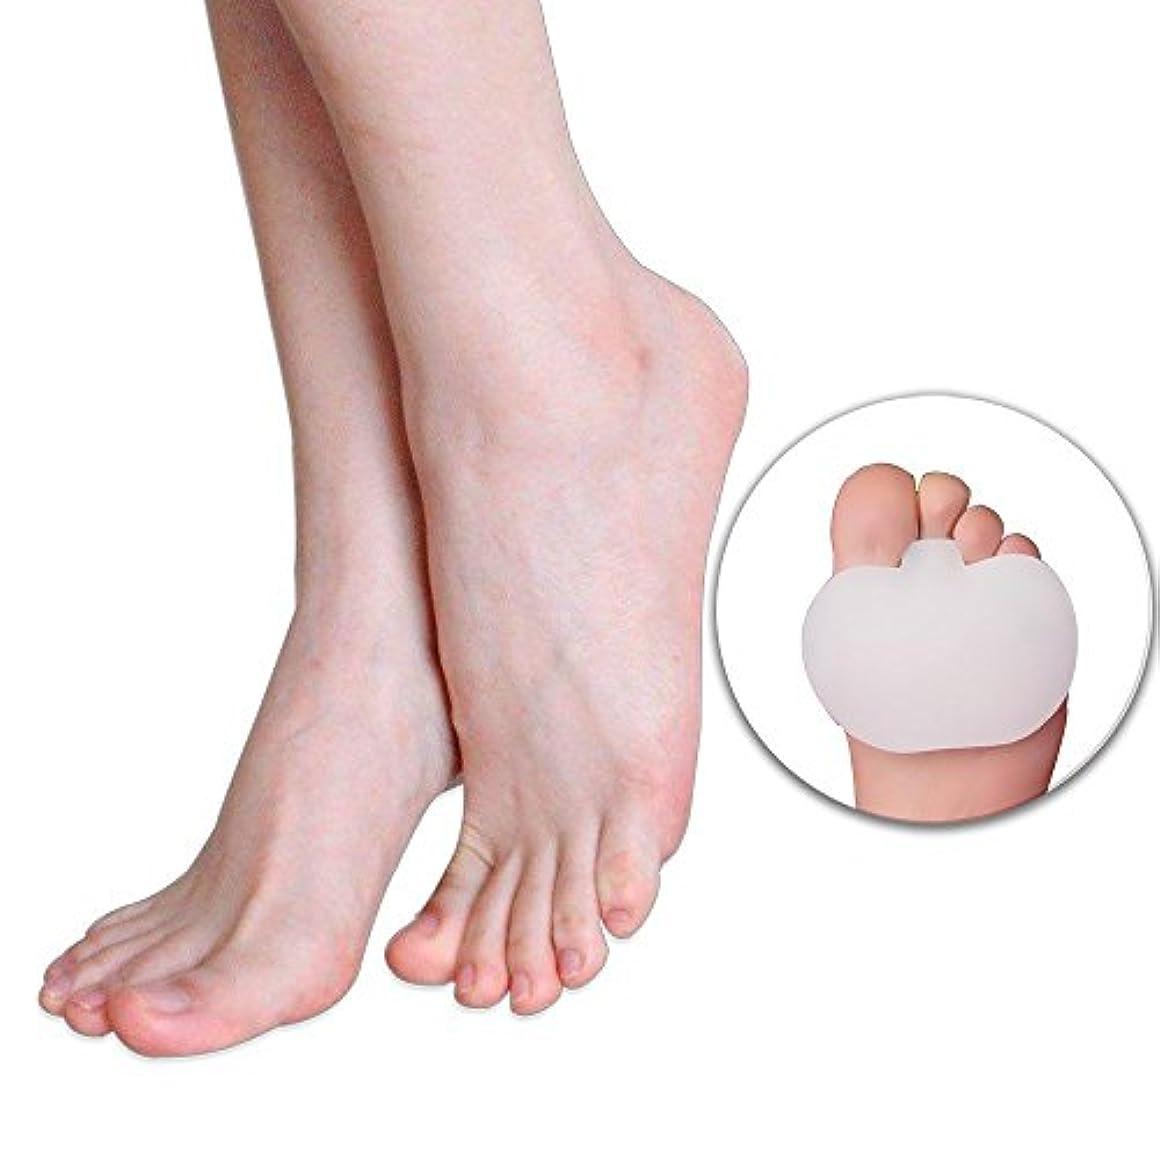 中にマナー誰もフットマッサージ 前足パット足のケア、ゲルソックス、つま先、シリコン、外反母趾矯正、ゲル中足骨パッド、足クッションのボール、前足のケア、痛みの足の痛み、外反、外反母趾